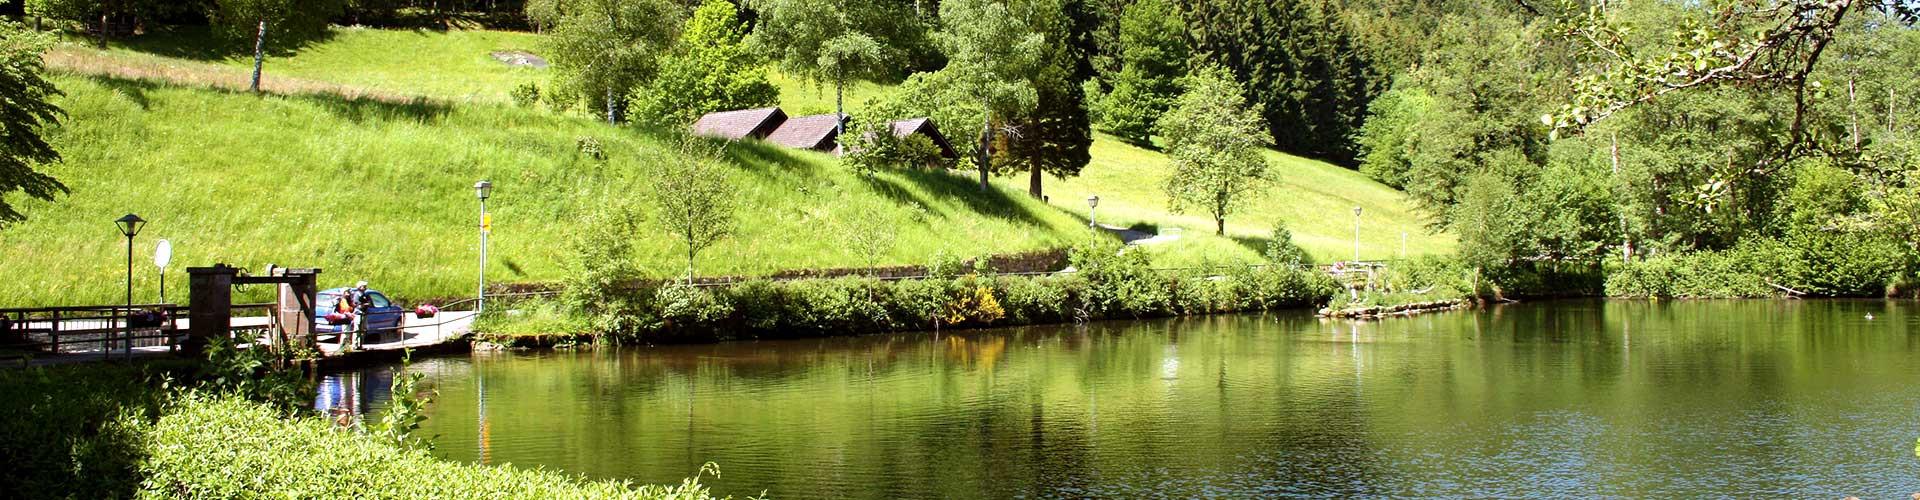 Hotel Rössle Berneck: Kurzurlaub in einer wunderschönen Umgebung